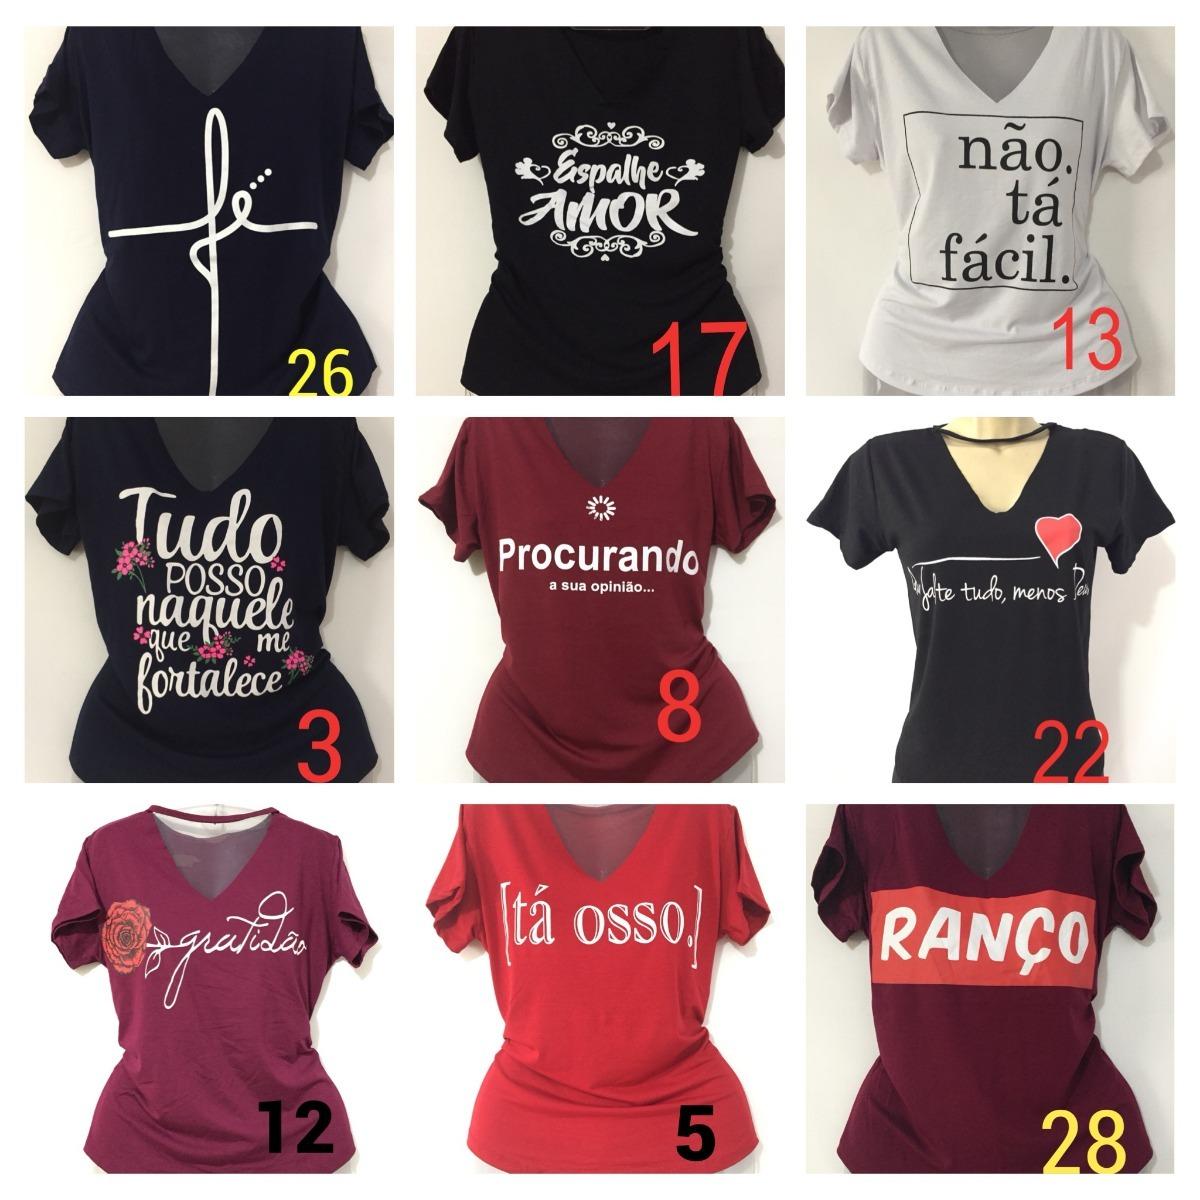 9a76710f2 9 blusas camiseta feminina frases ranço procurando. Carregando zoom.